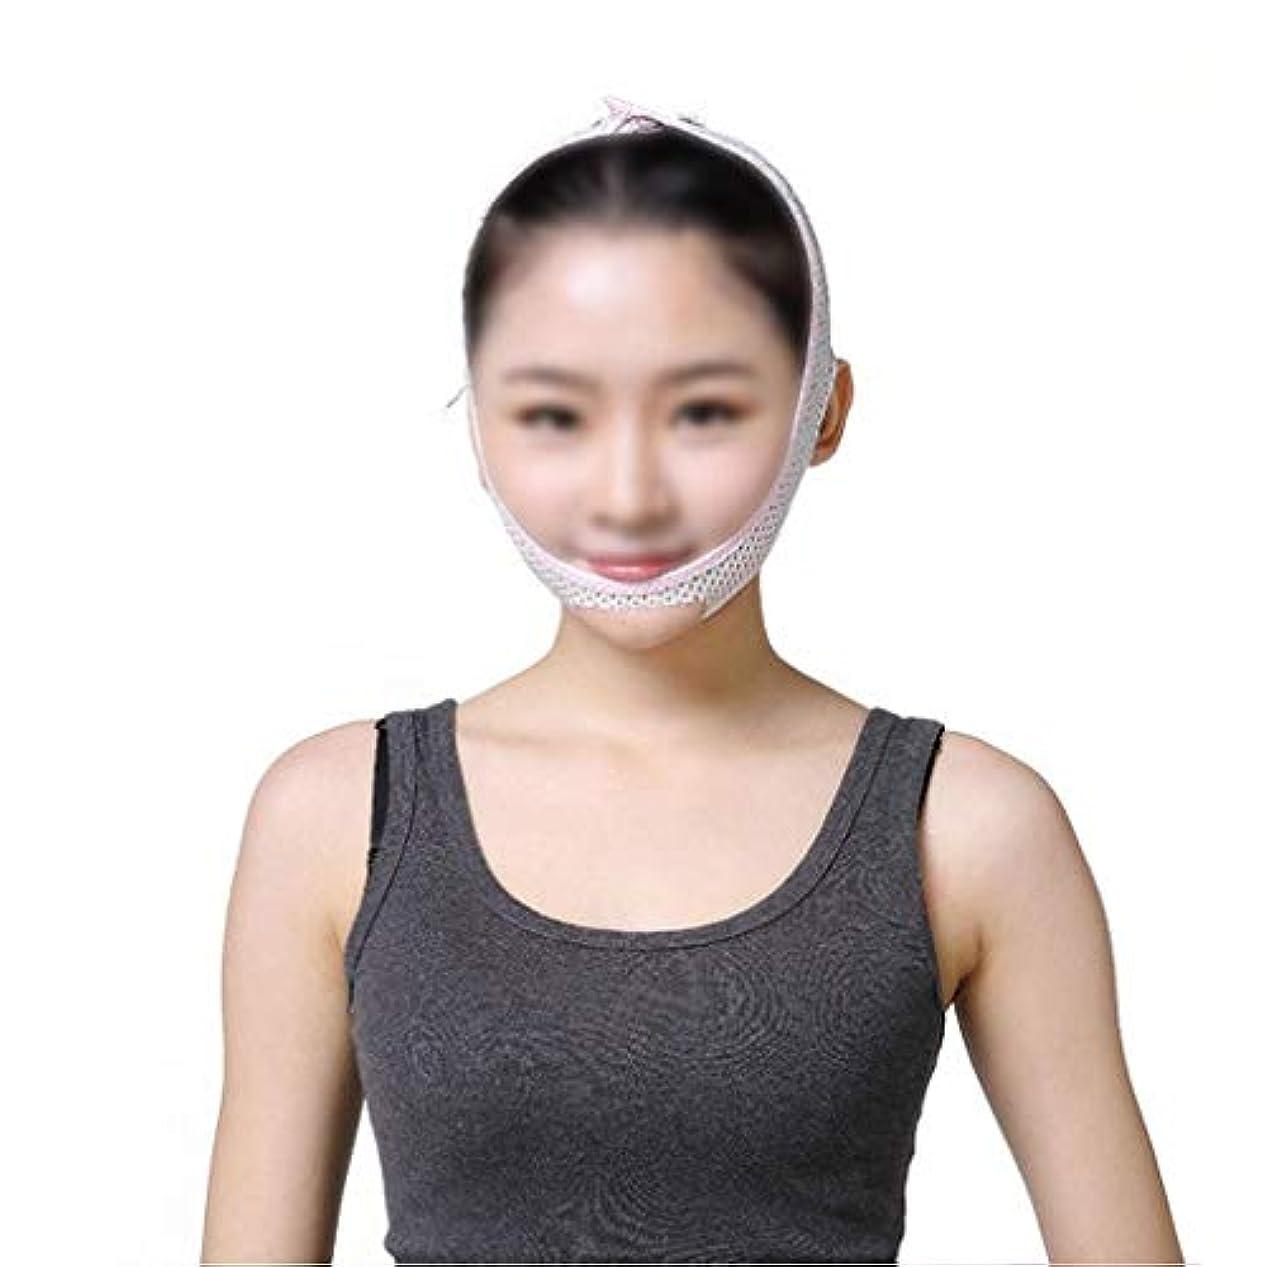 幸福倒産適度なフェイスリフティングマスク、快適で リフティングスキンファーミングスリープシンフェイスアーティファクトアンチリンクル/リムーブダブルチン/術後回復マスク(サイズ:M)